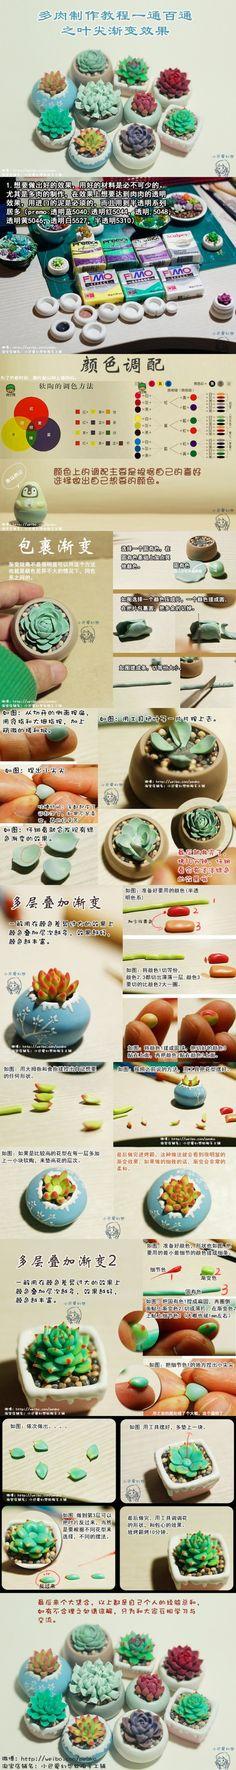 Polymer clay succulents cactus cacti kawaii miniature